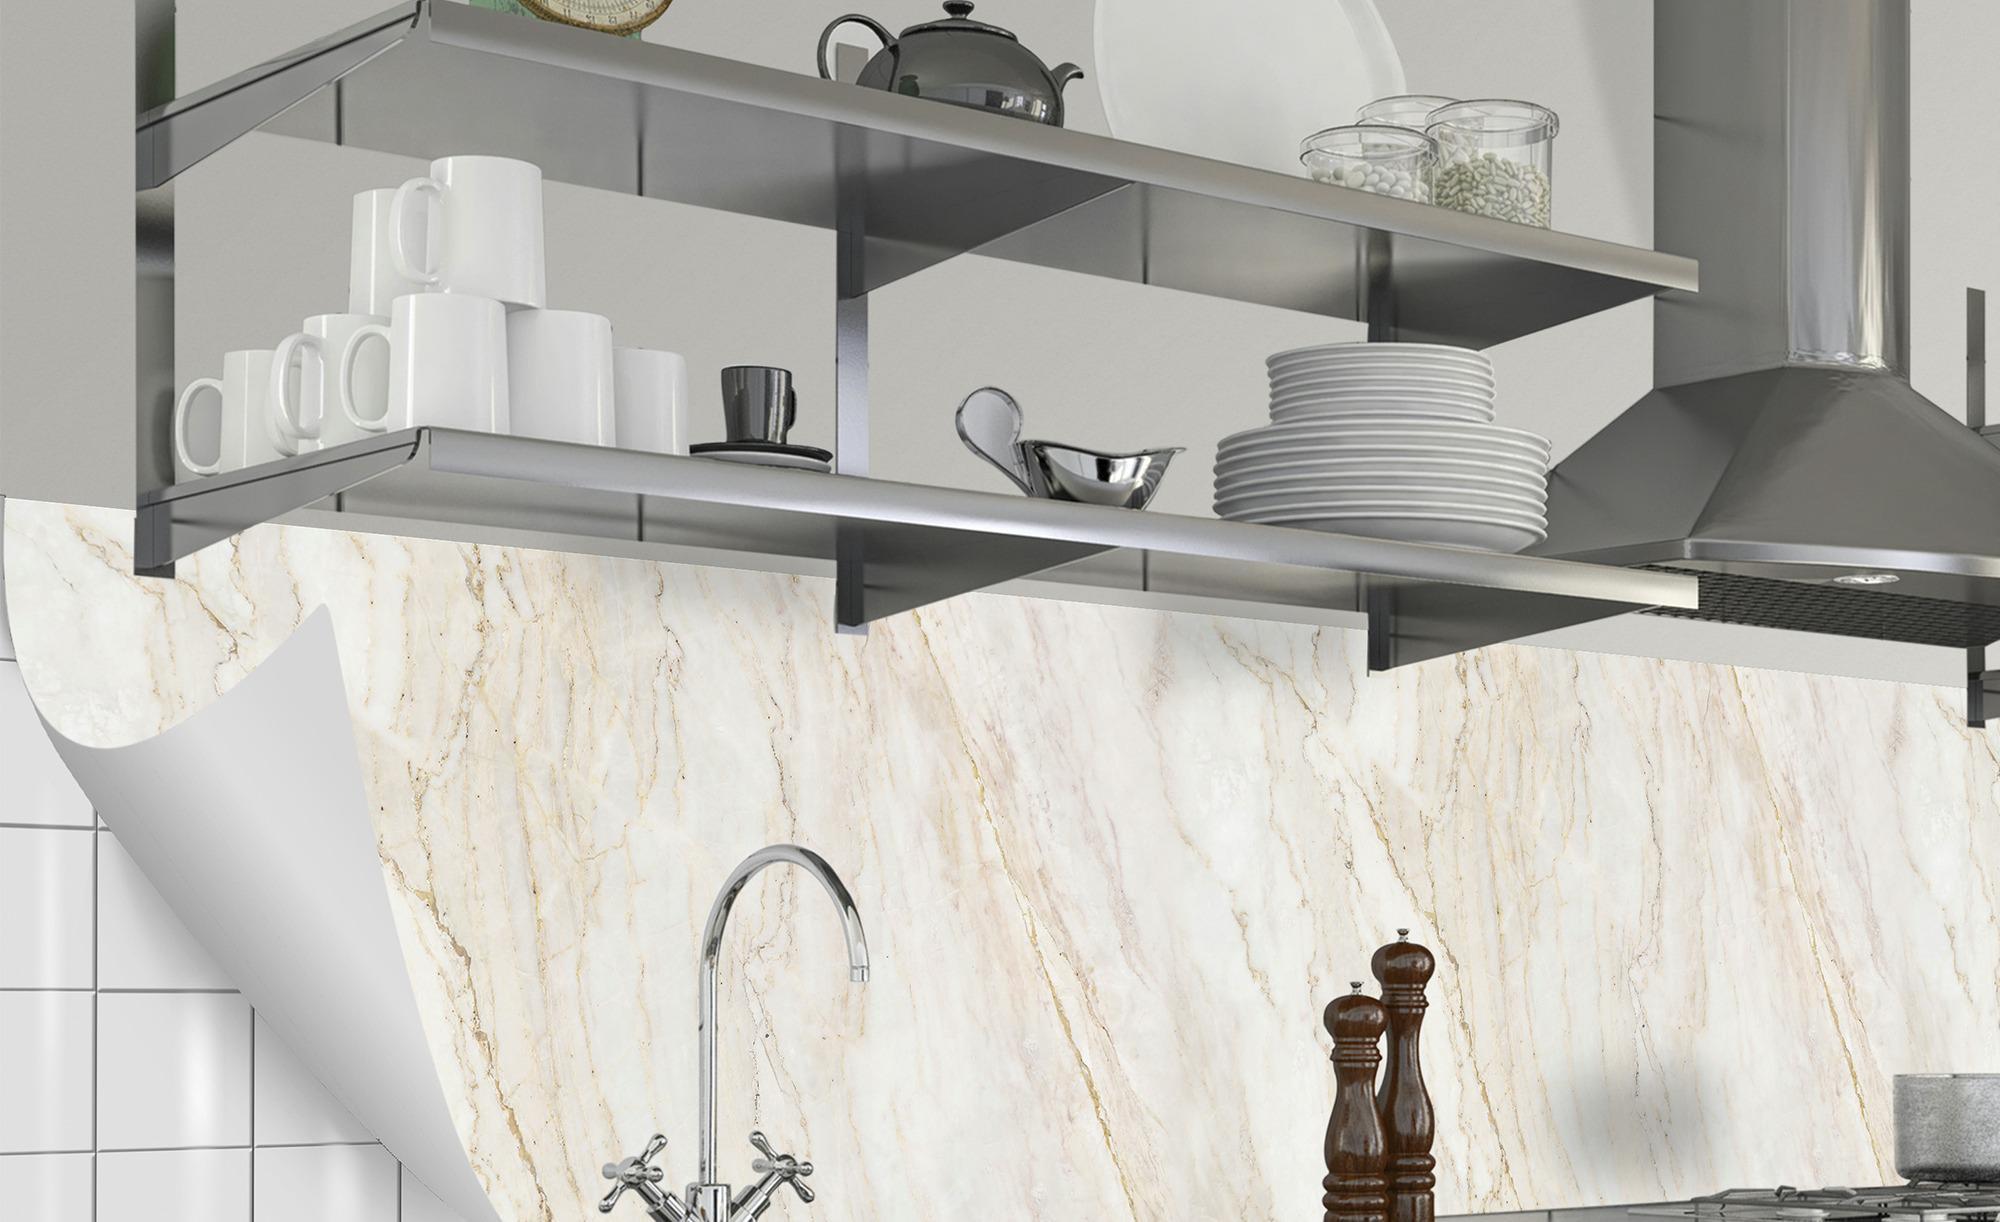 Küchenrückwand-Folie Fixy Mia - 60 cm - 60 cm - Sconto